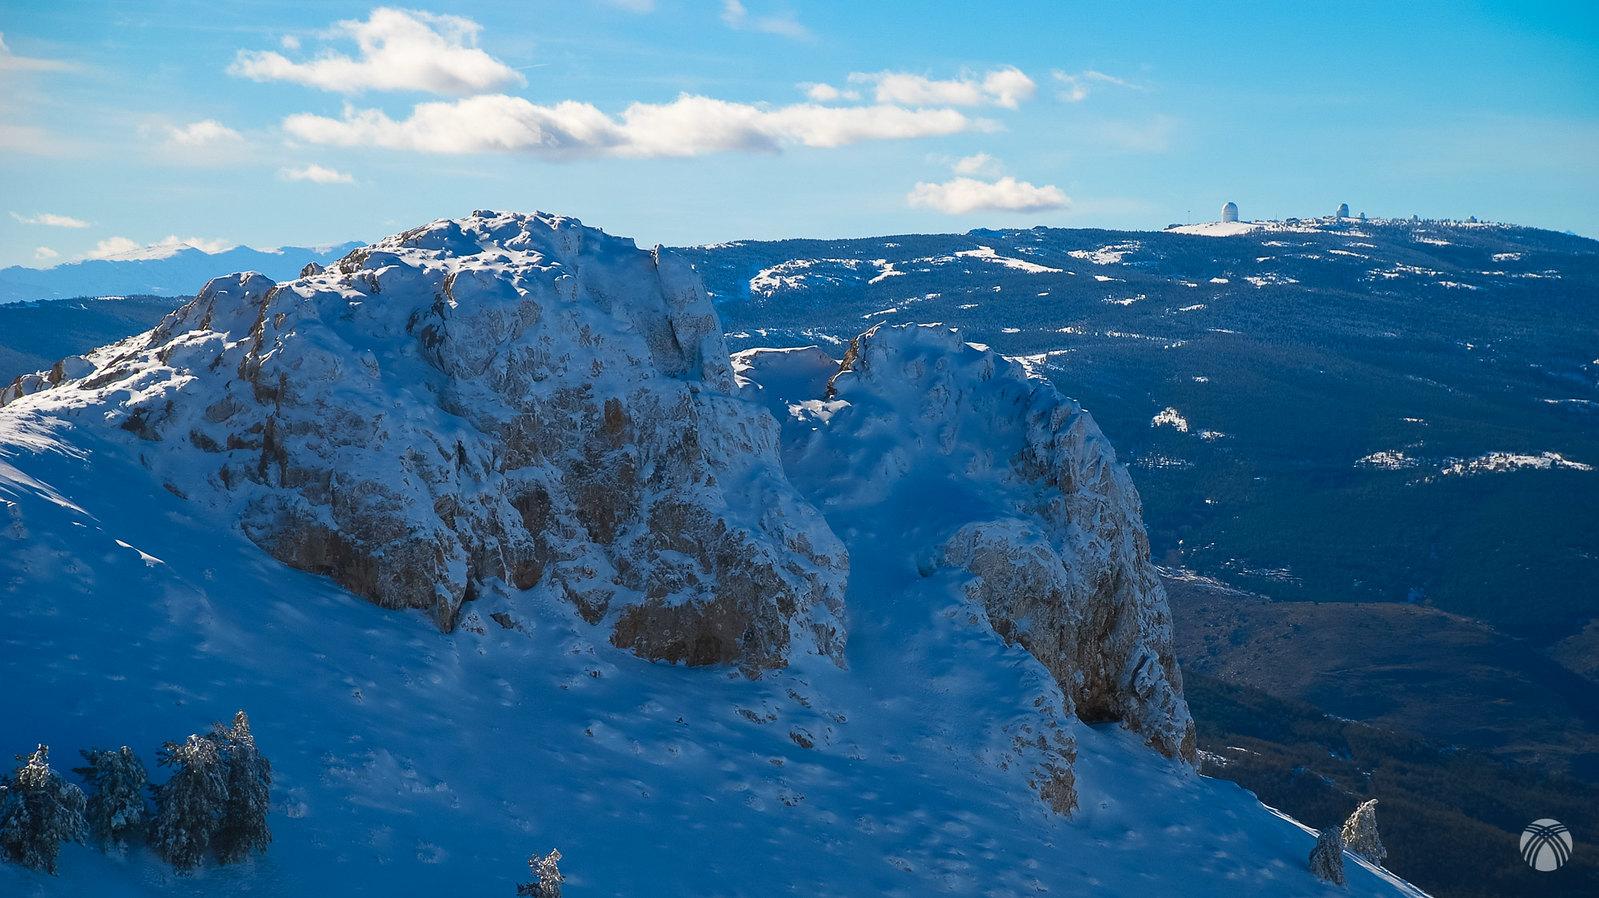 Calar Alto al fondo y en primer plano unas peñas características en la ruta normal a la cumbre de la Tetica